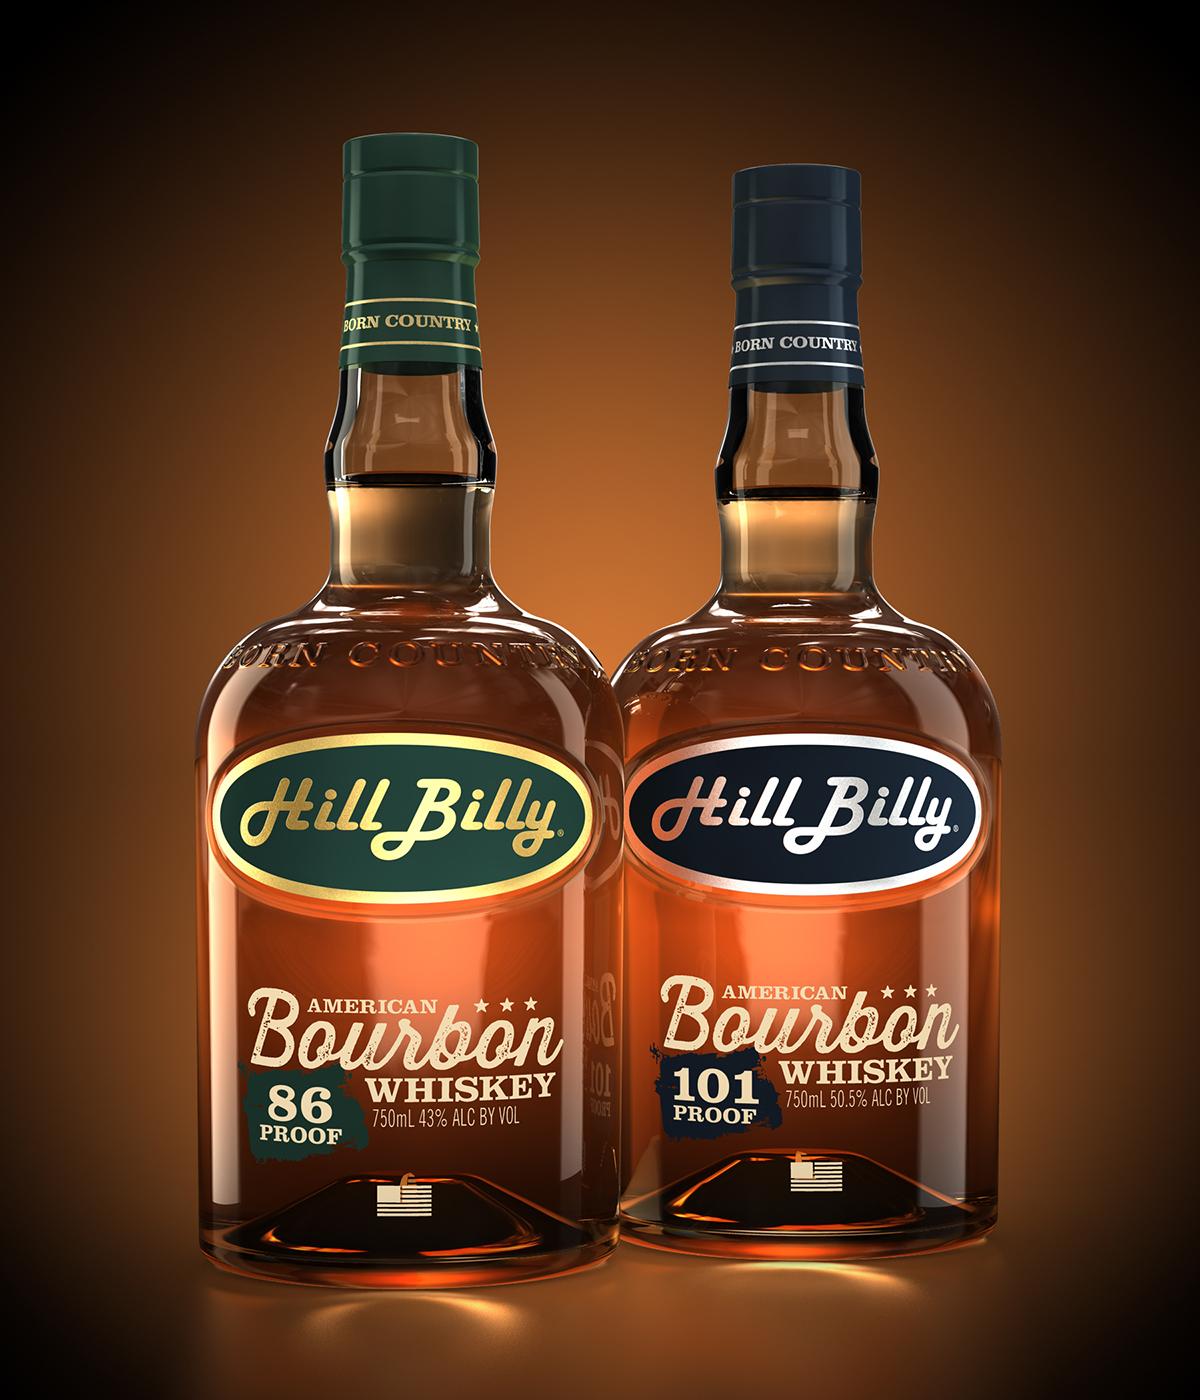 Hillbilly Bourbon Bottle 3D Rendering